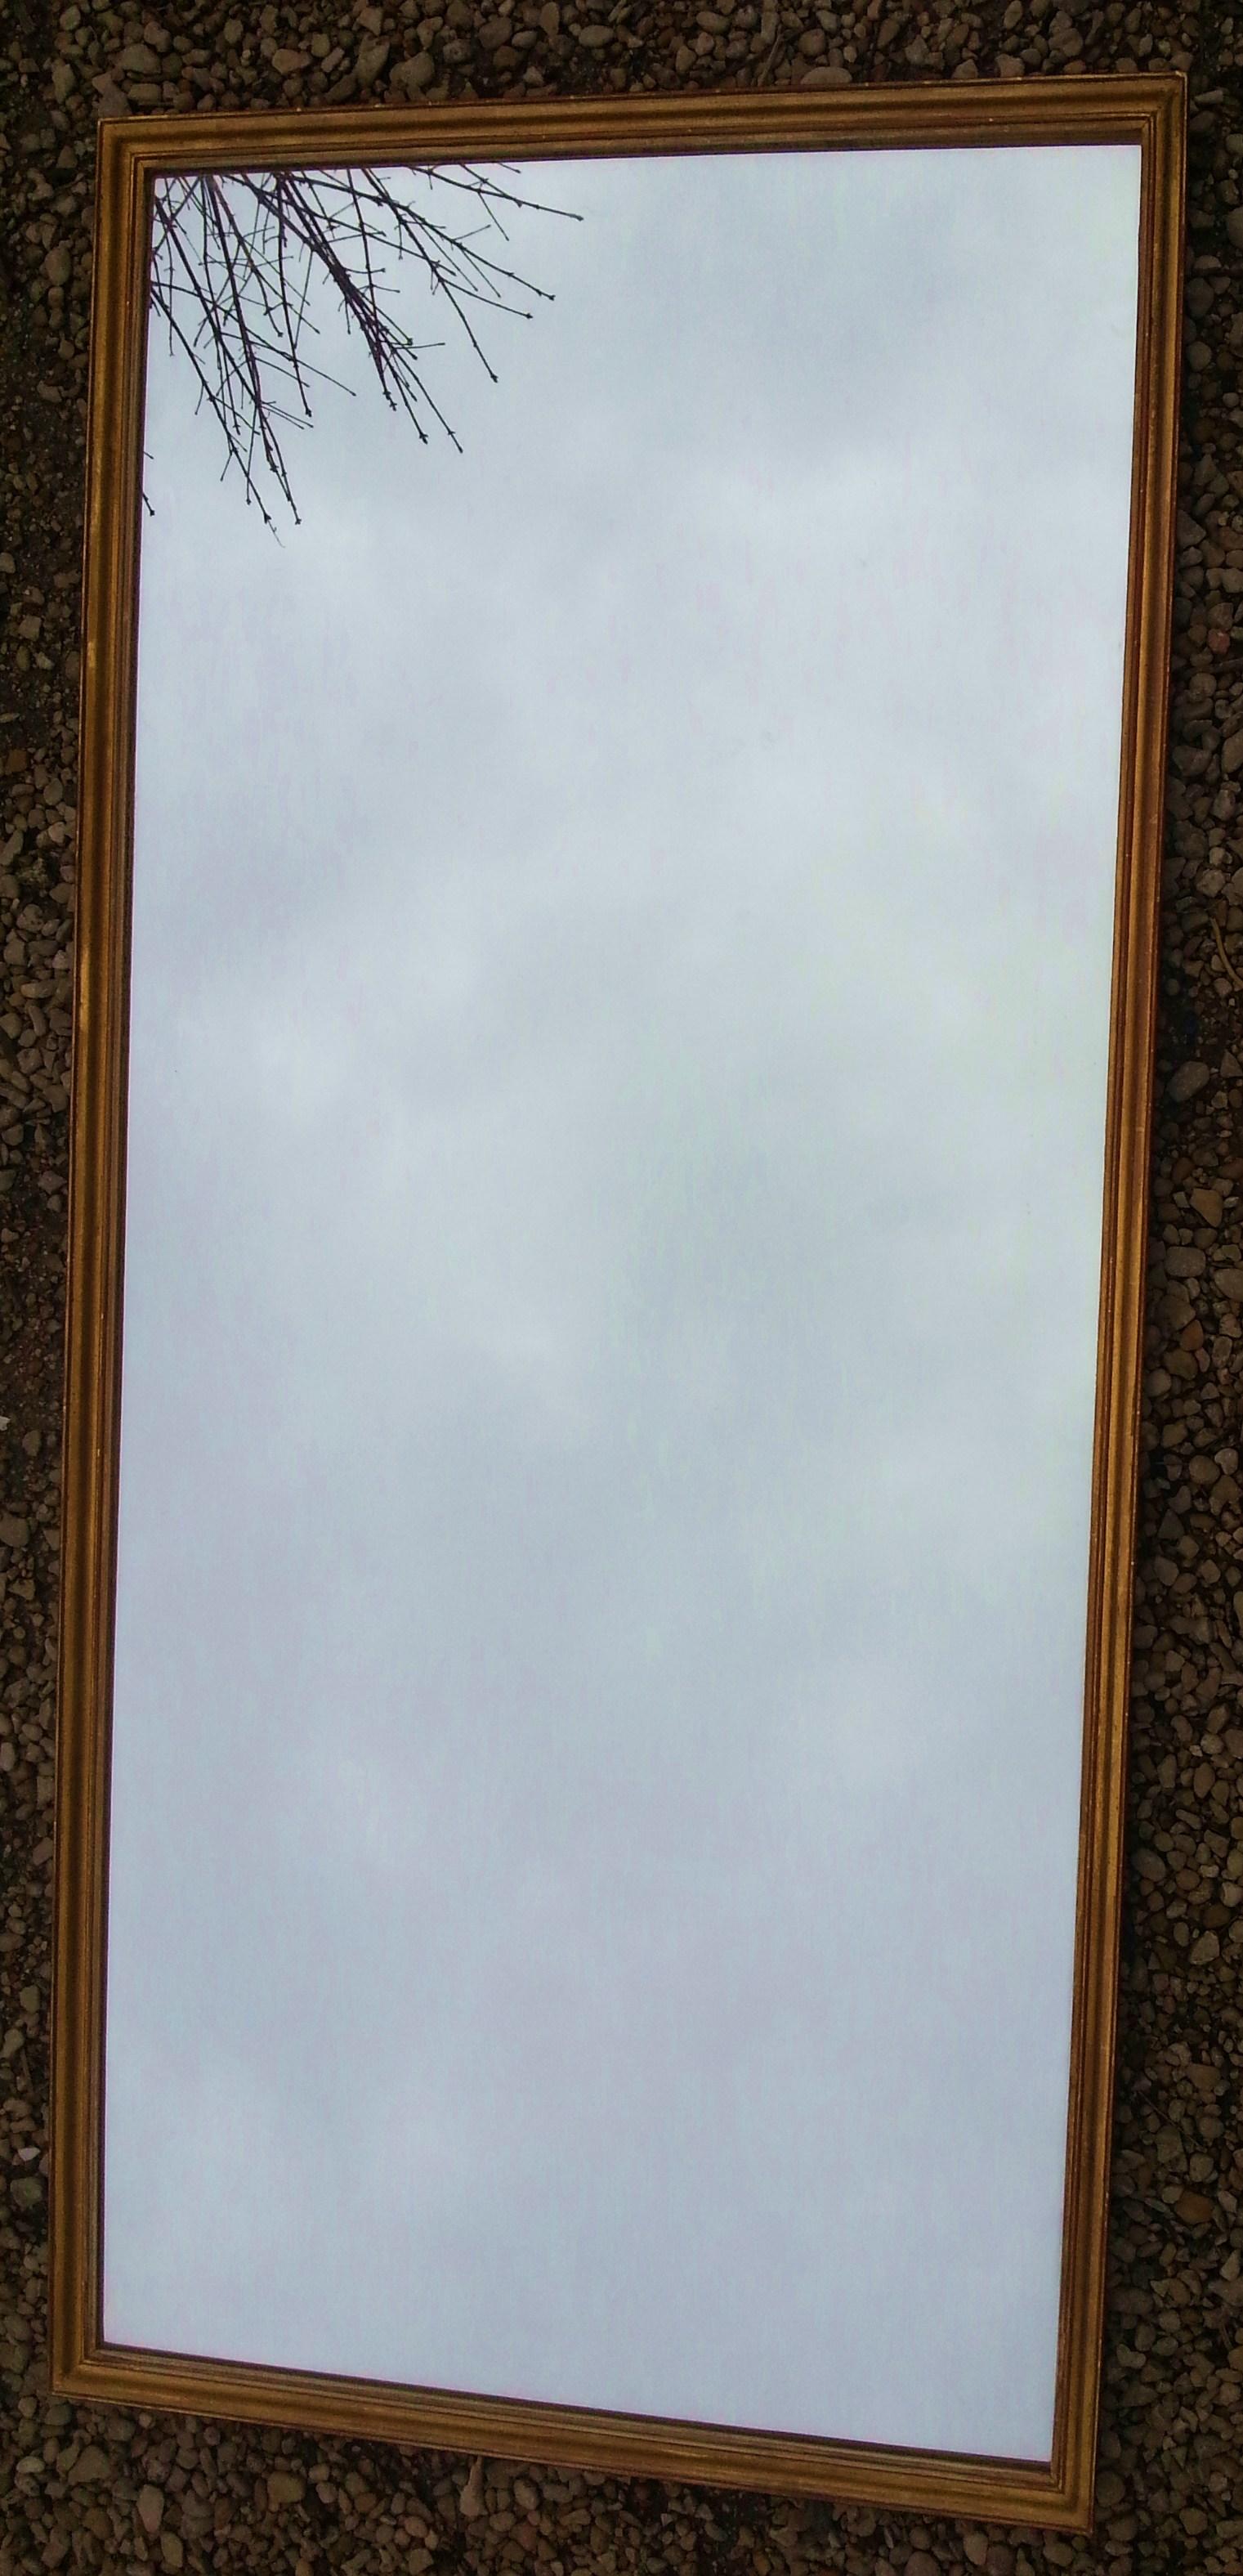 Grand miroir en bois moulur et dor magasin pierre brost for Miroir 220 review